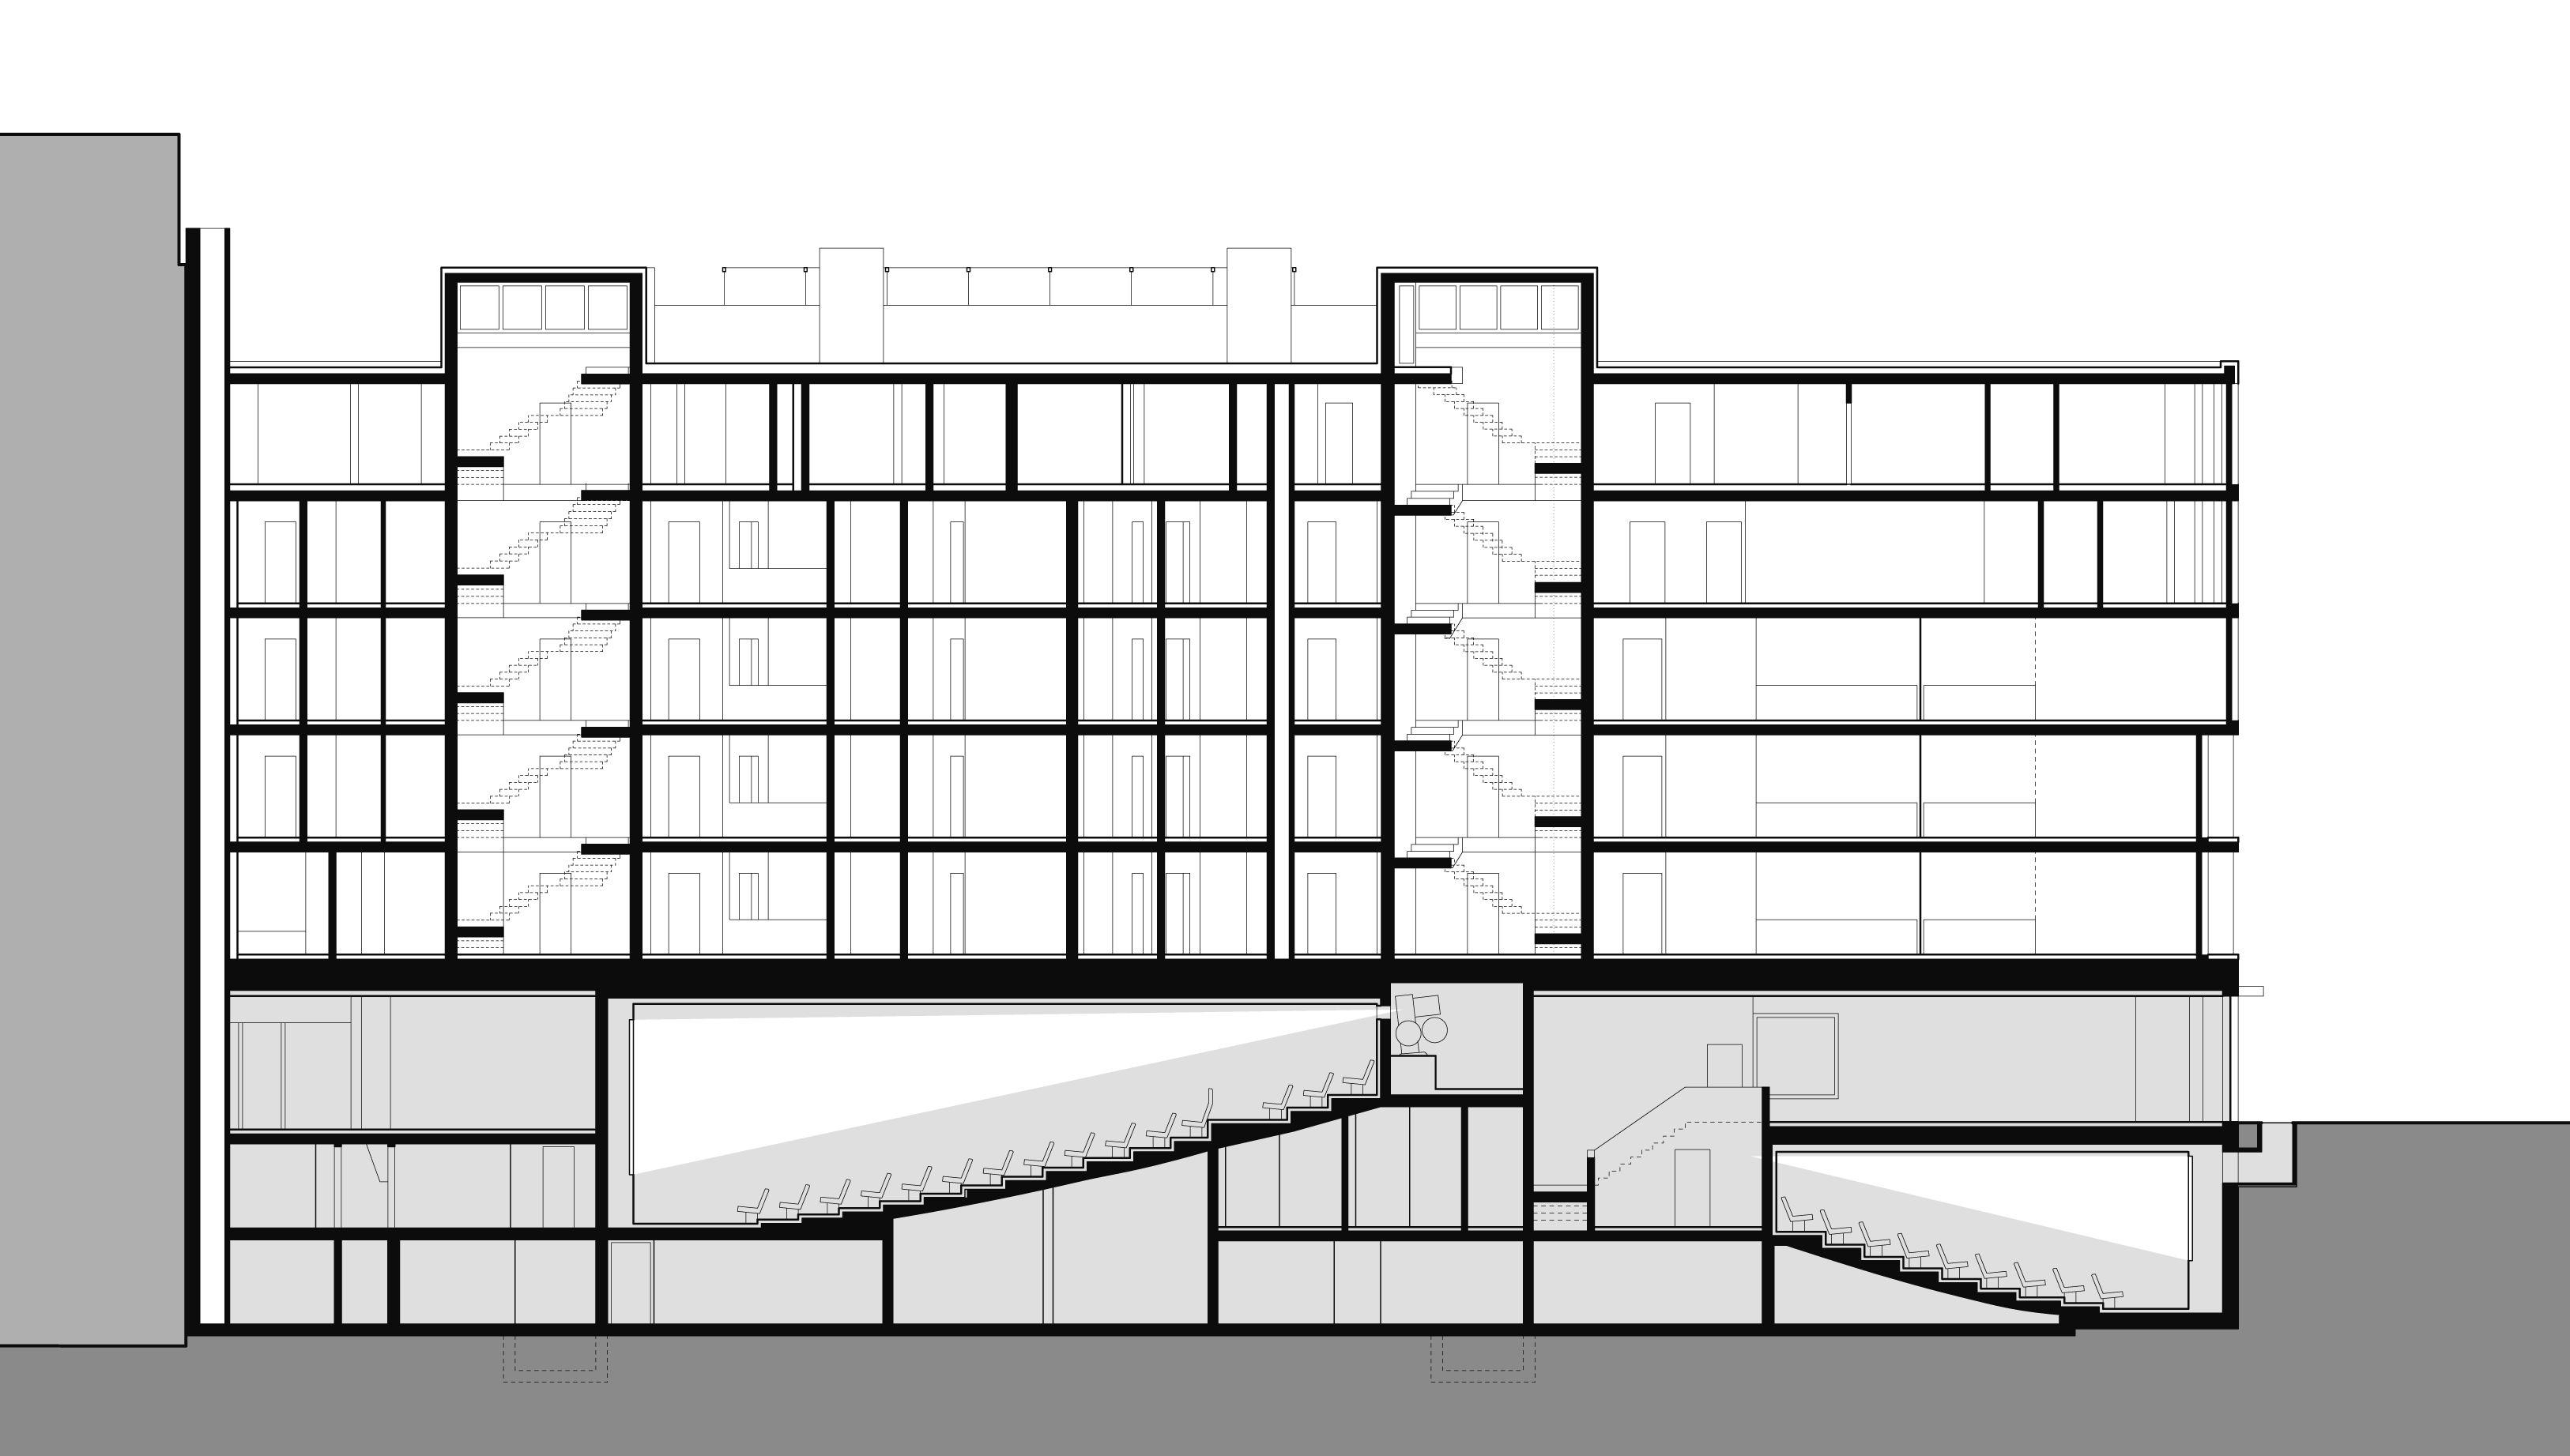 Kino und Wohnhaus RiffRaff 5+6 Zürich (mit Bildern